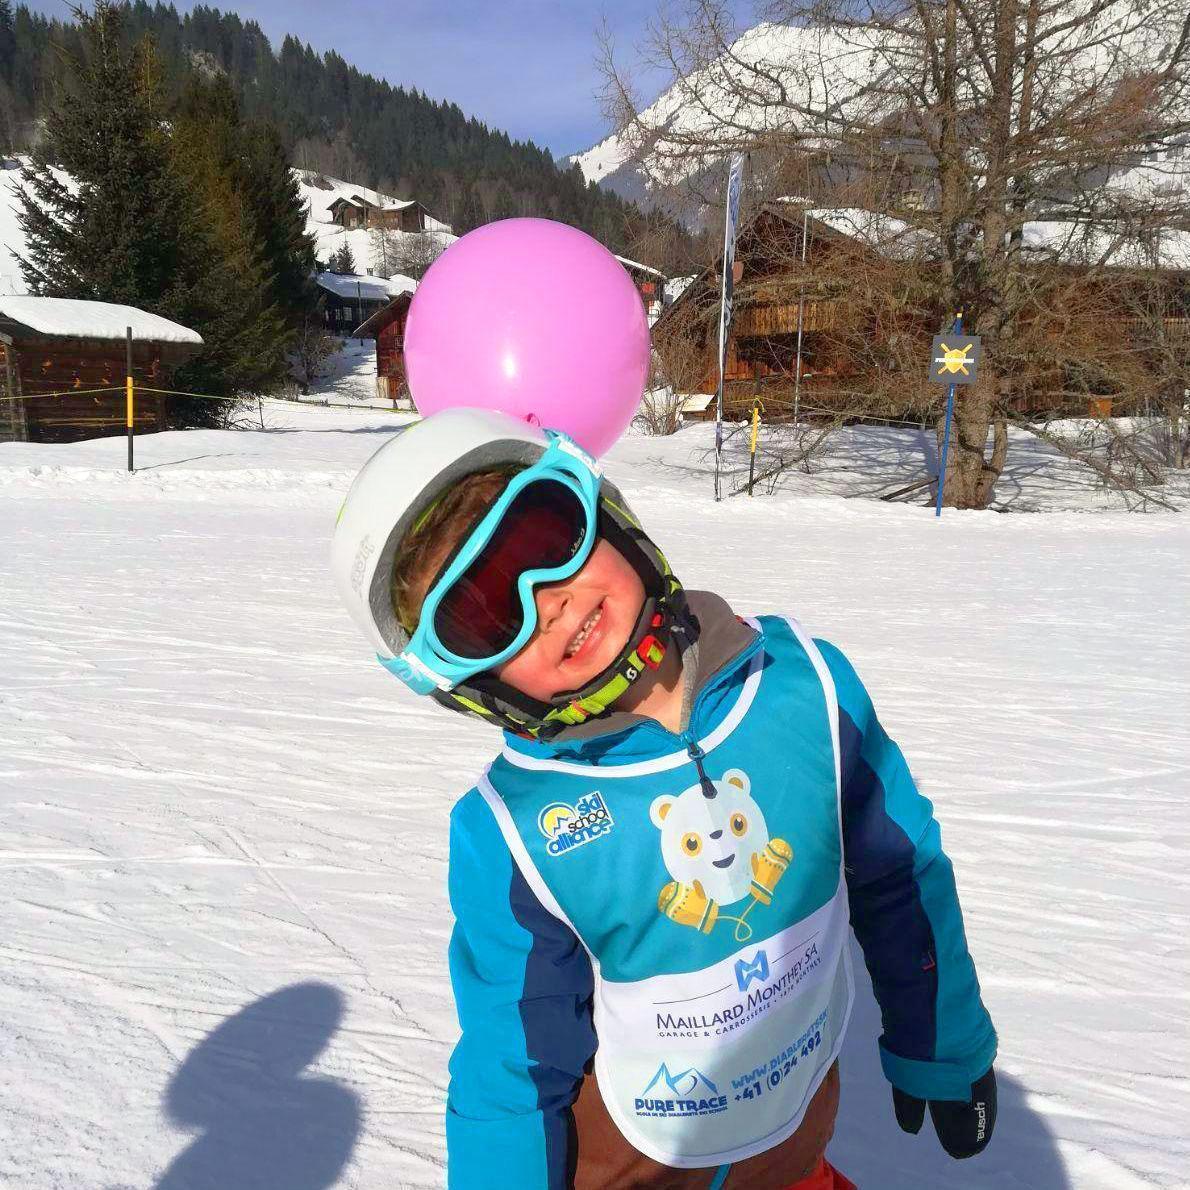 Privé skilessen voor kinderen voor alle niveaus